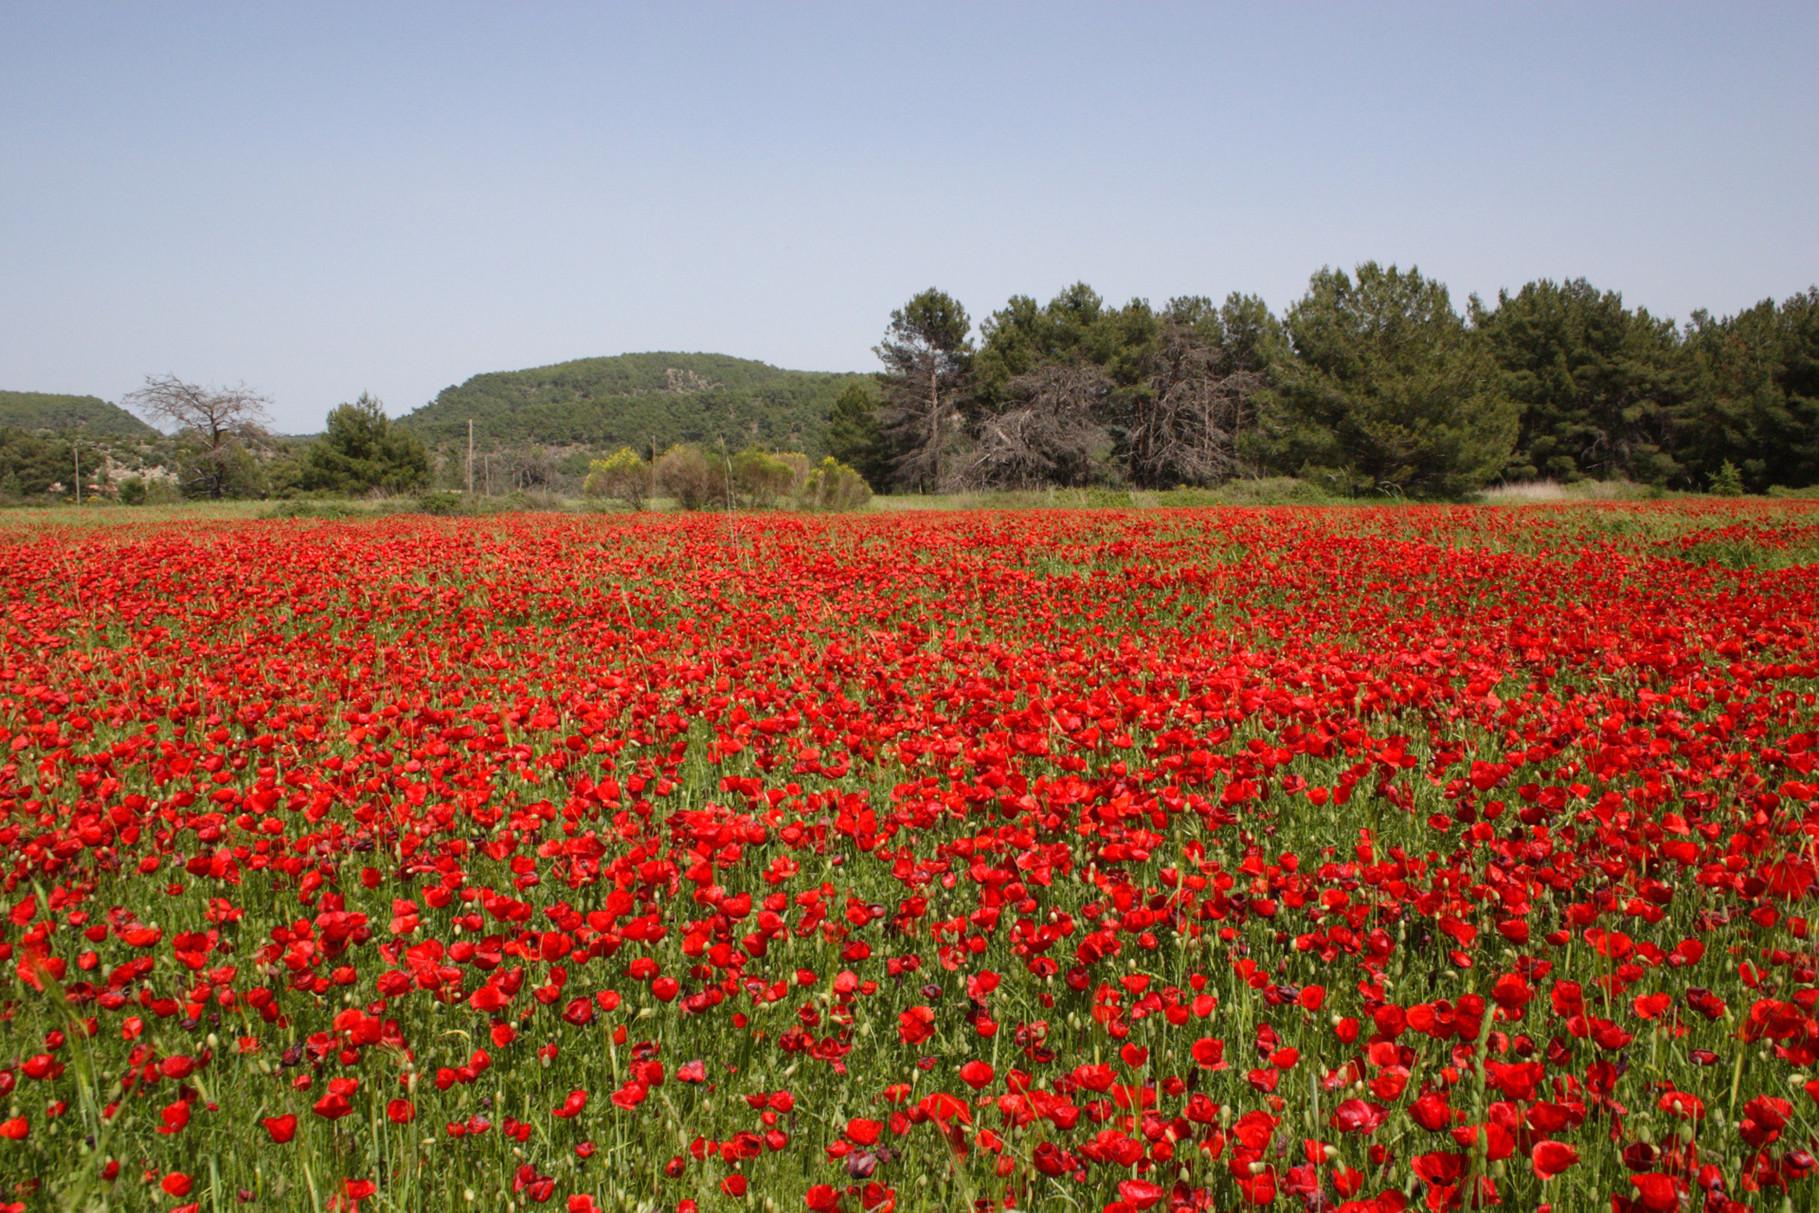 Auf dem Weg zum Achladeri Forest trifft man auf ein wunderschönes Mohnfeld